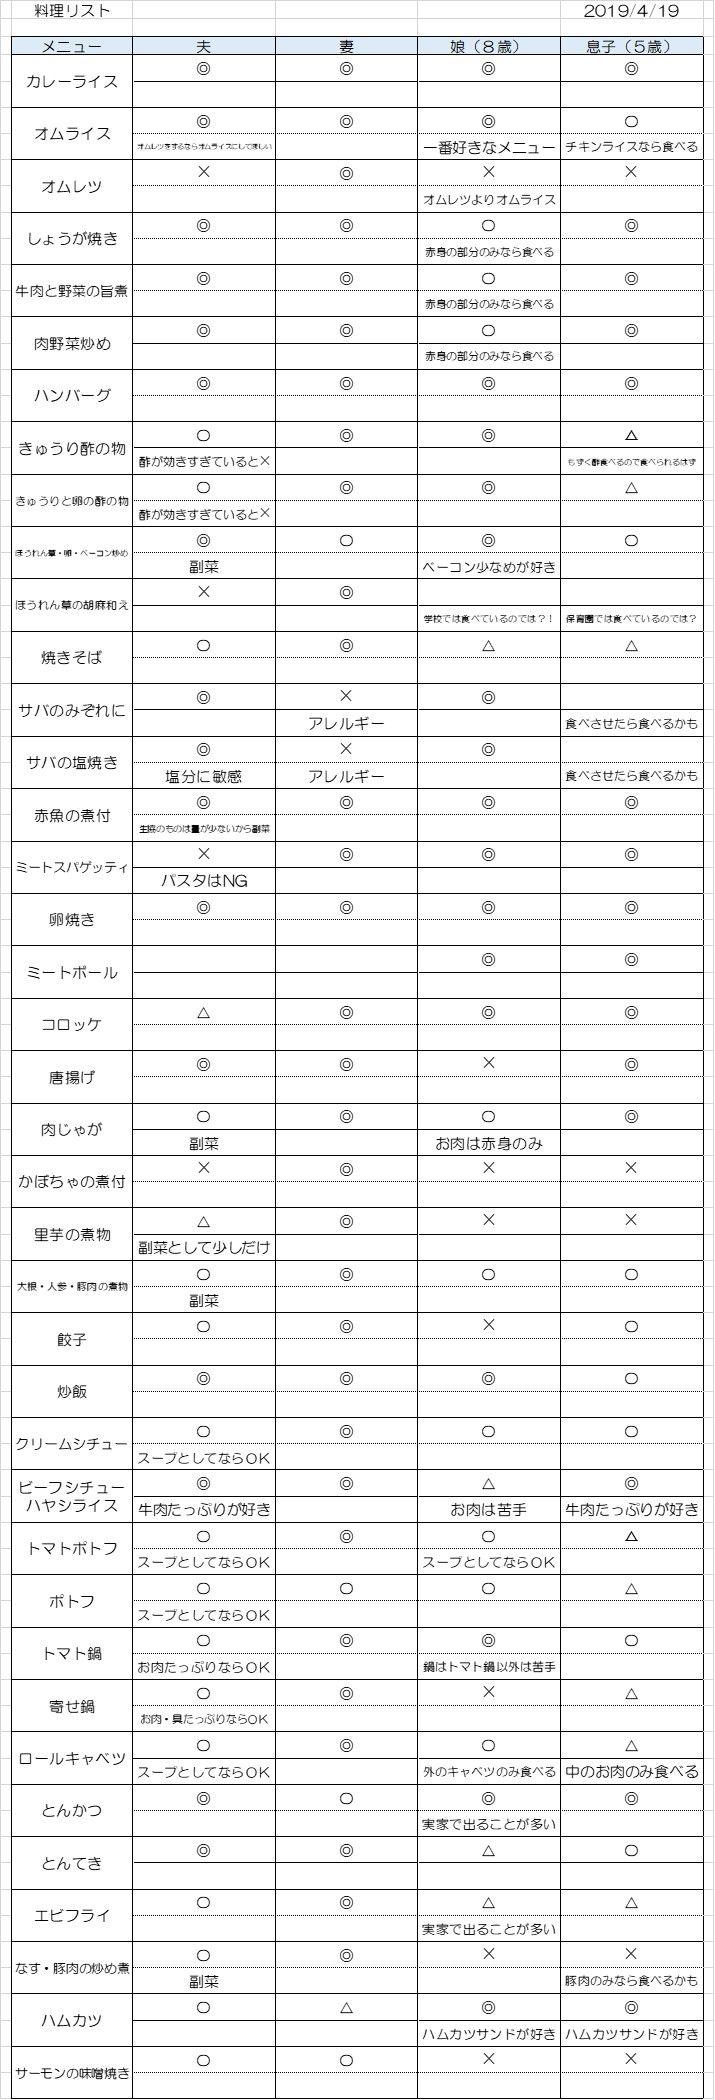 20190419_料理リスト